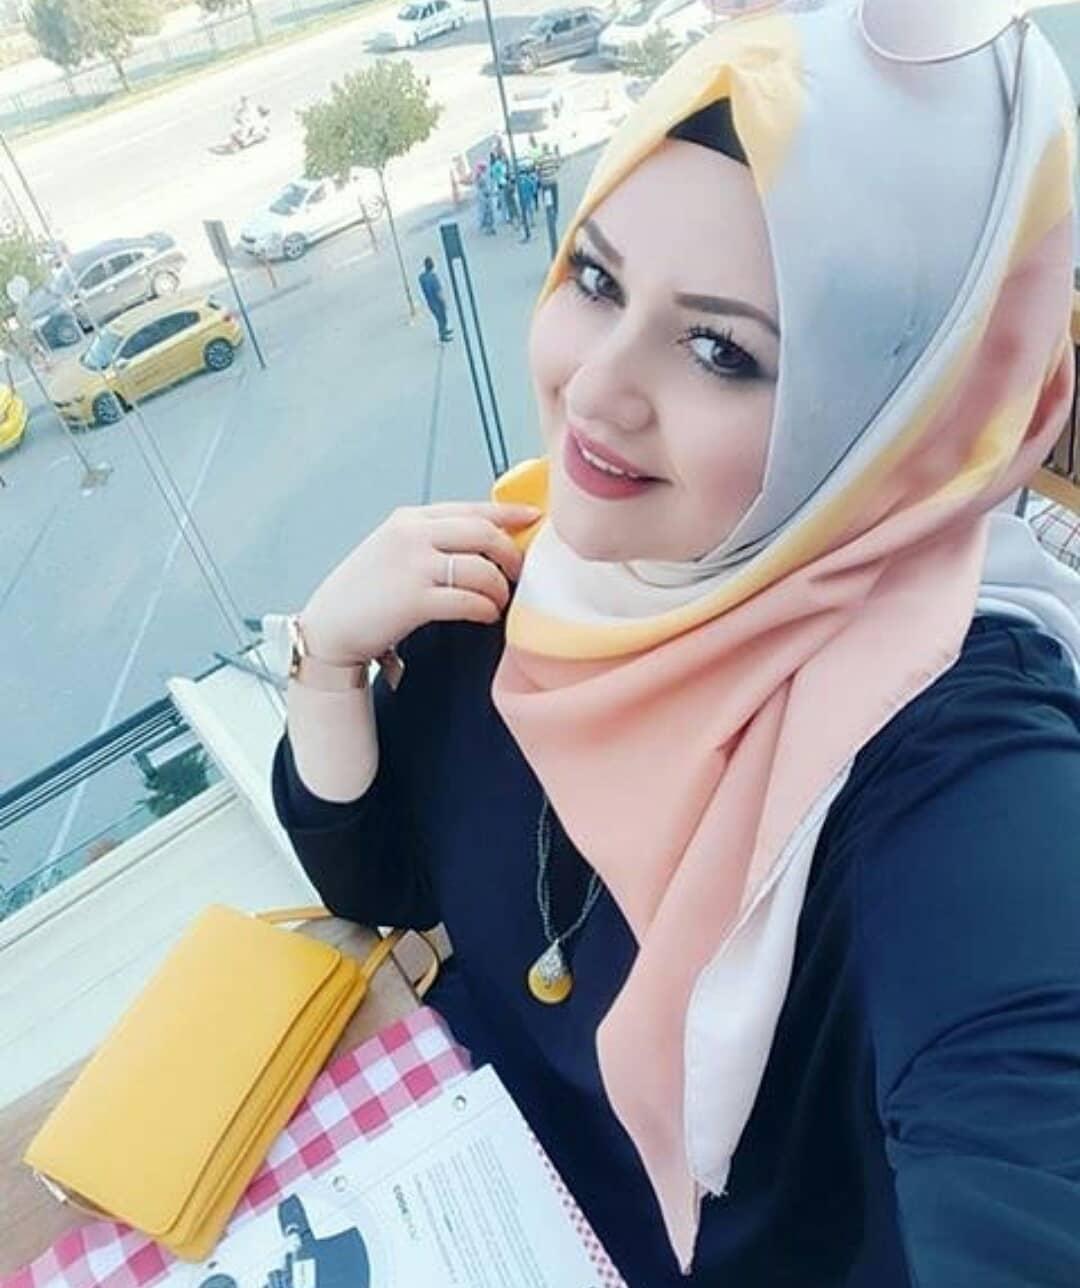 صورة صورجميلة بنات محجبات , فتيات حلوات بالحجاب 845